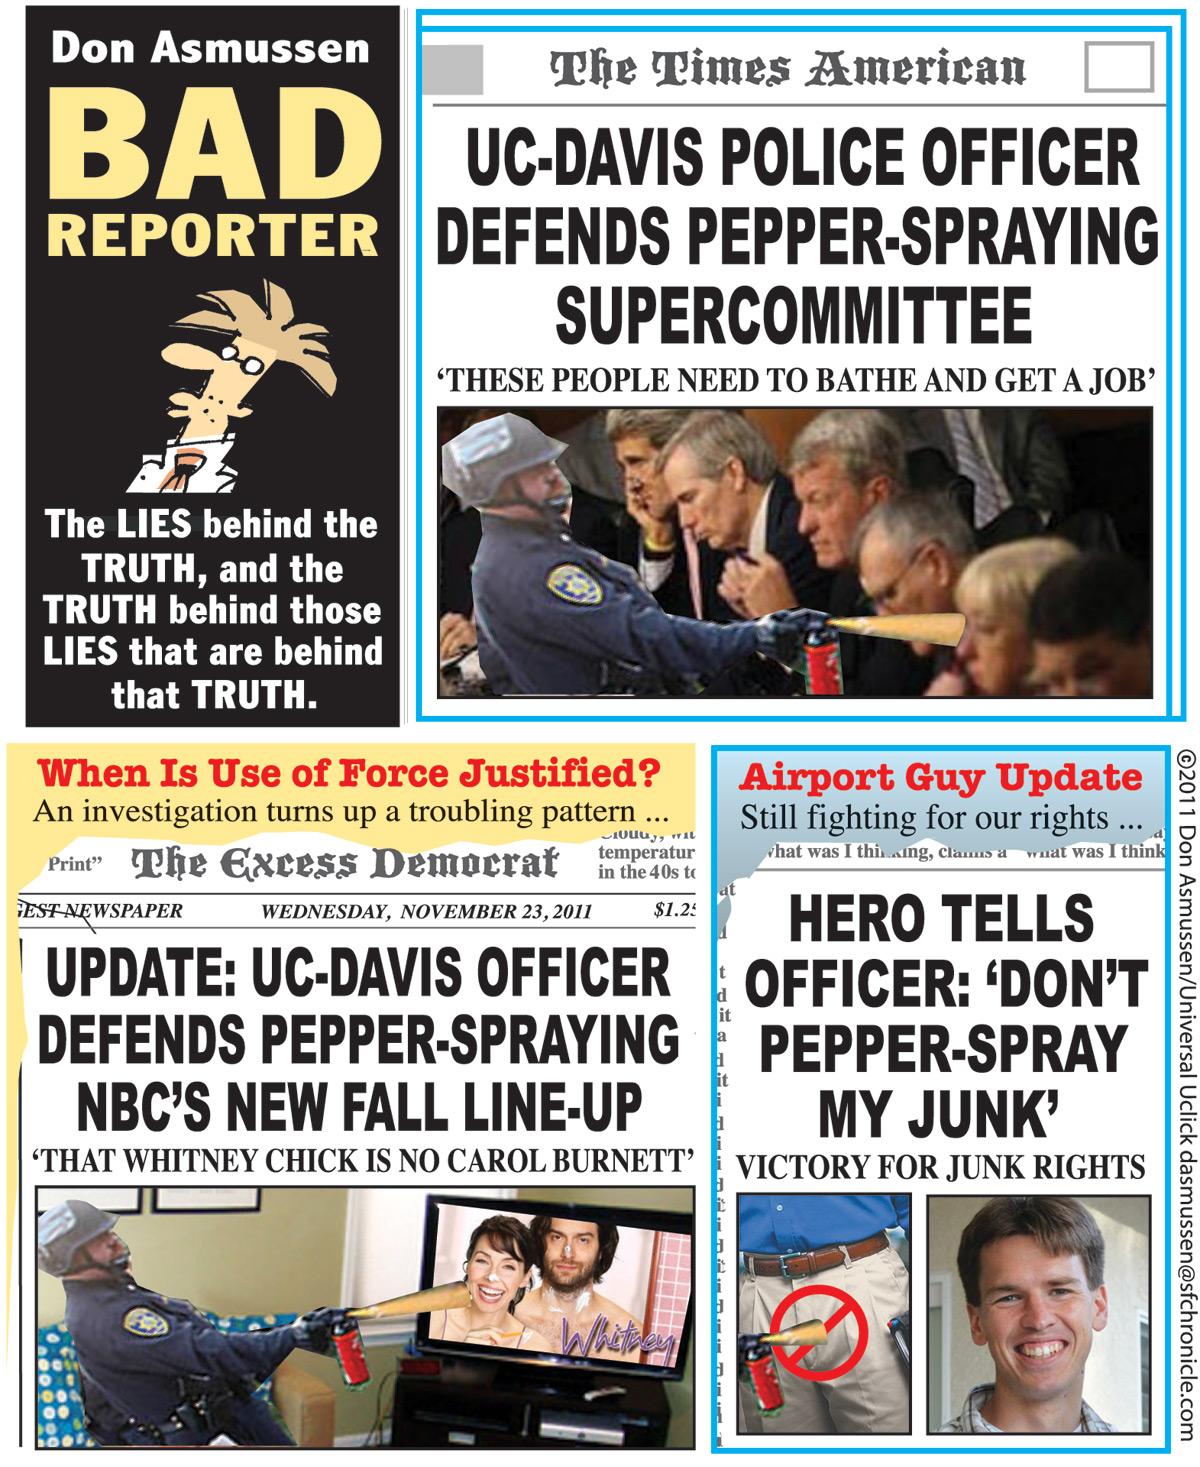 Bad Reporter for Nov 23, 2011 Comic Strip